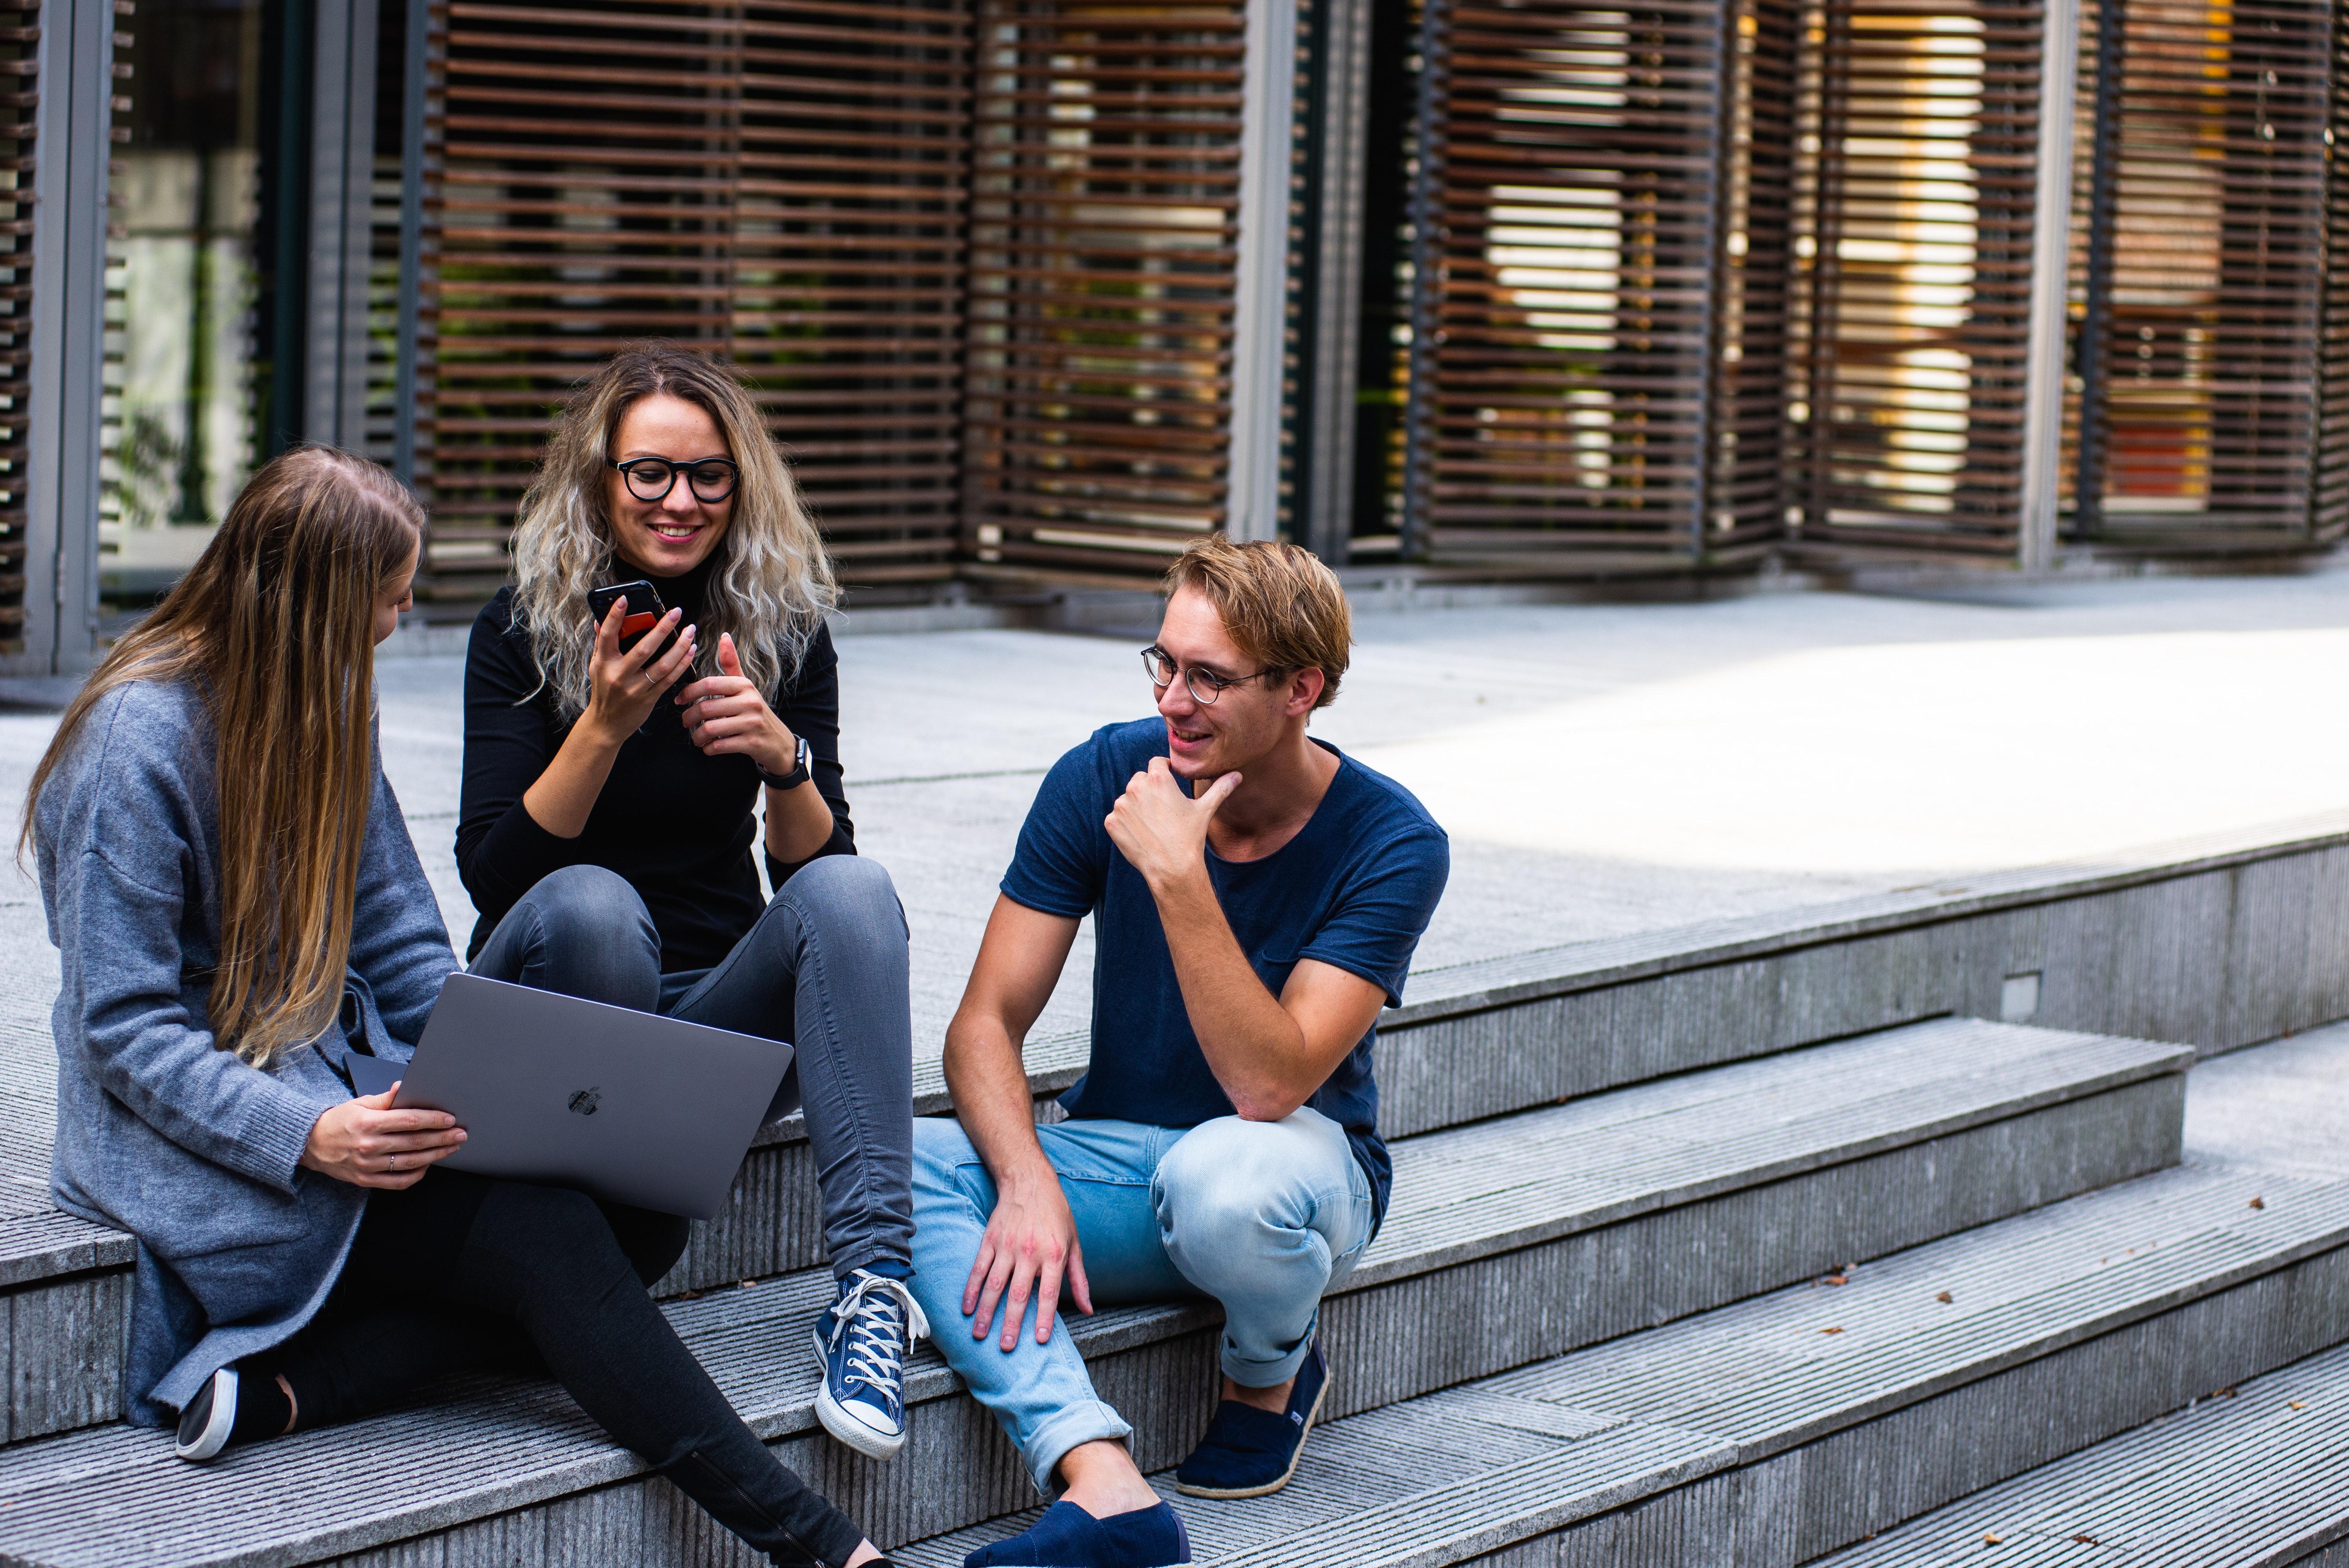 jovens-sentados-diferenças-universidades